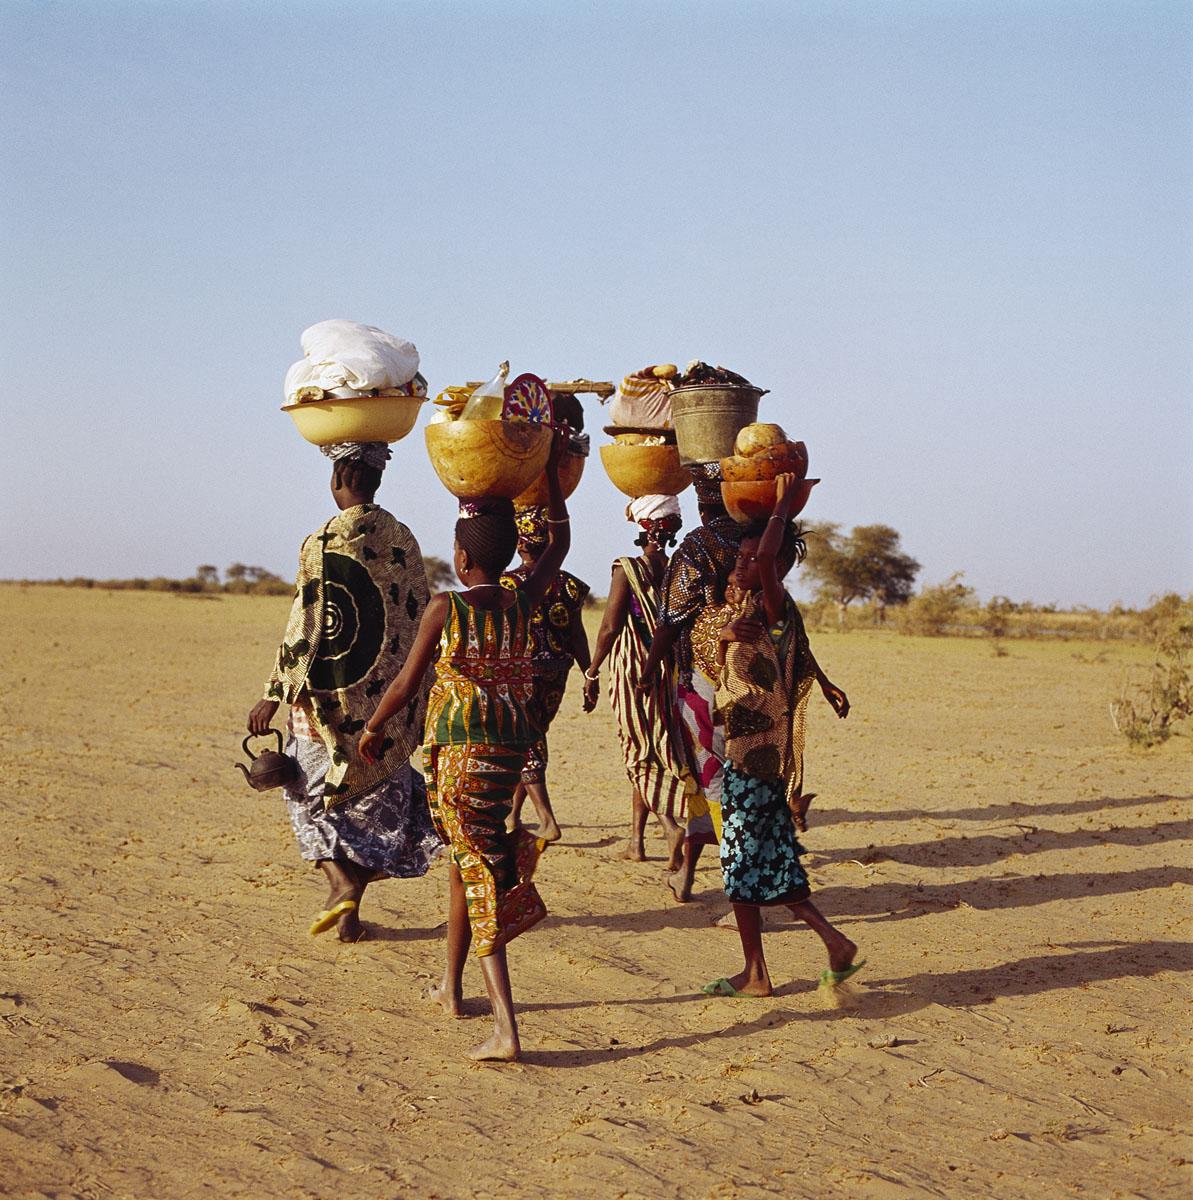 La photographie montre quatre femmes marchant dans le sable.